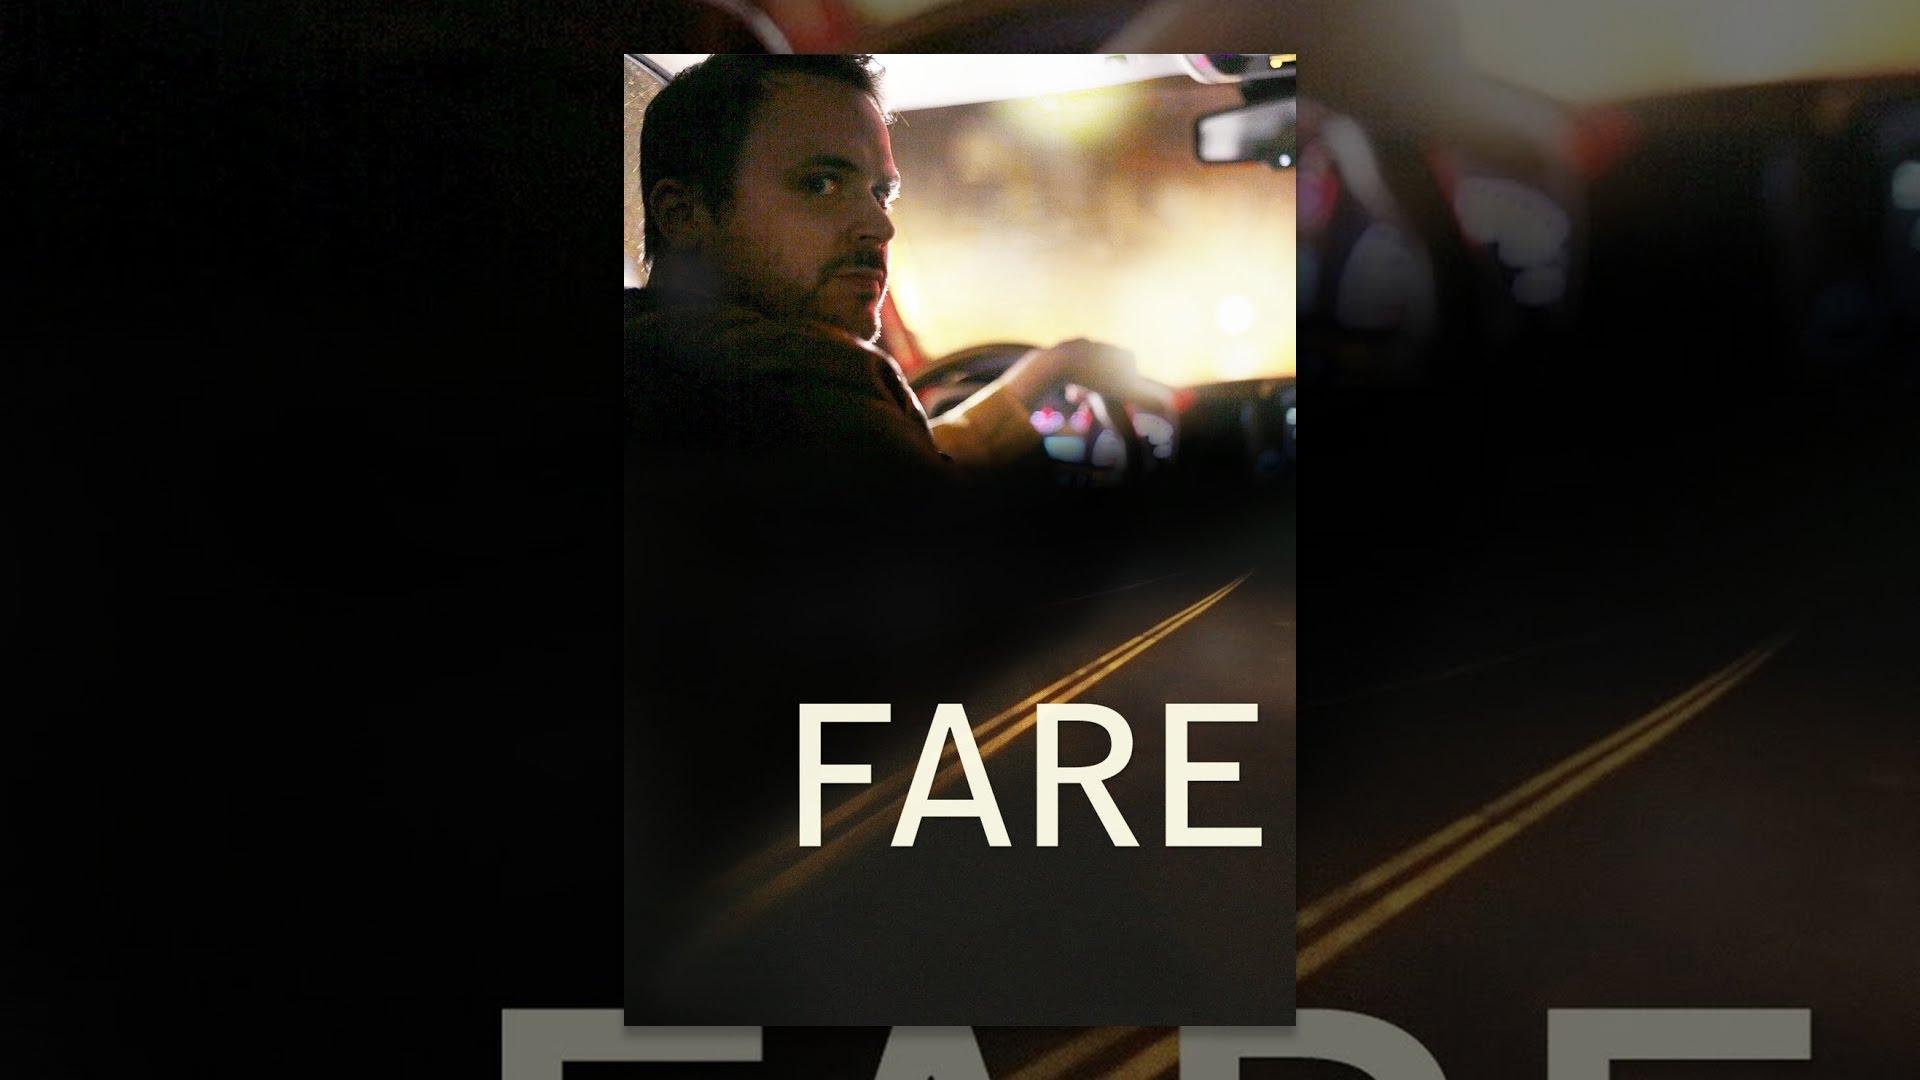 Download Fare